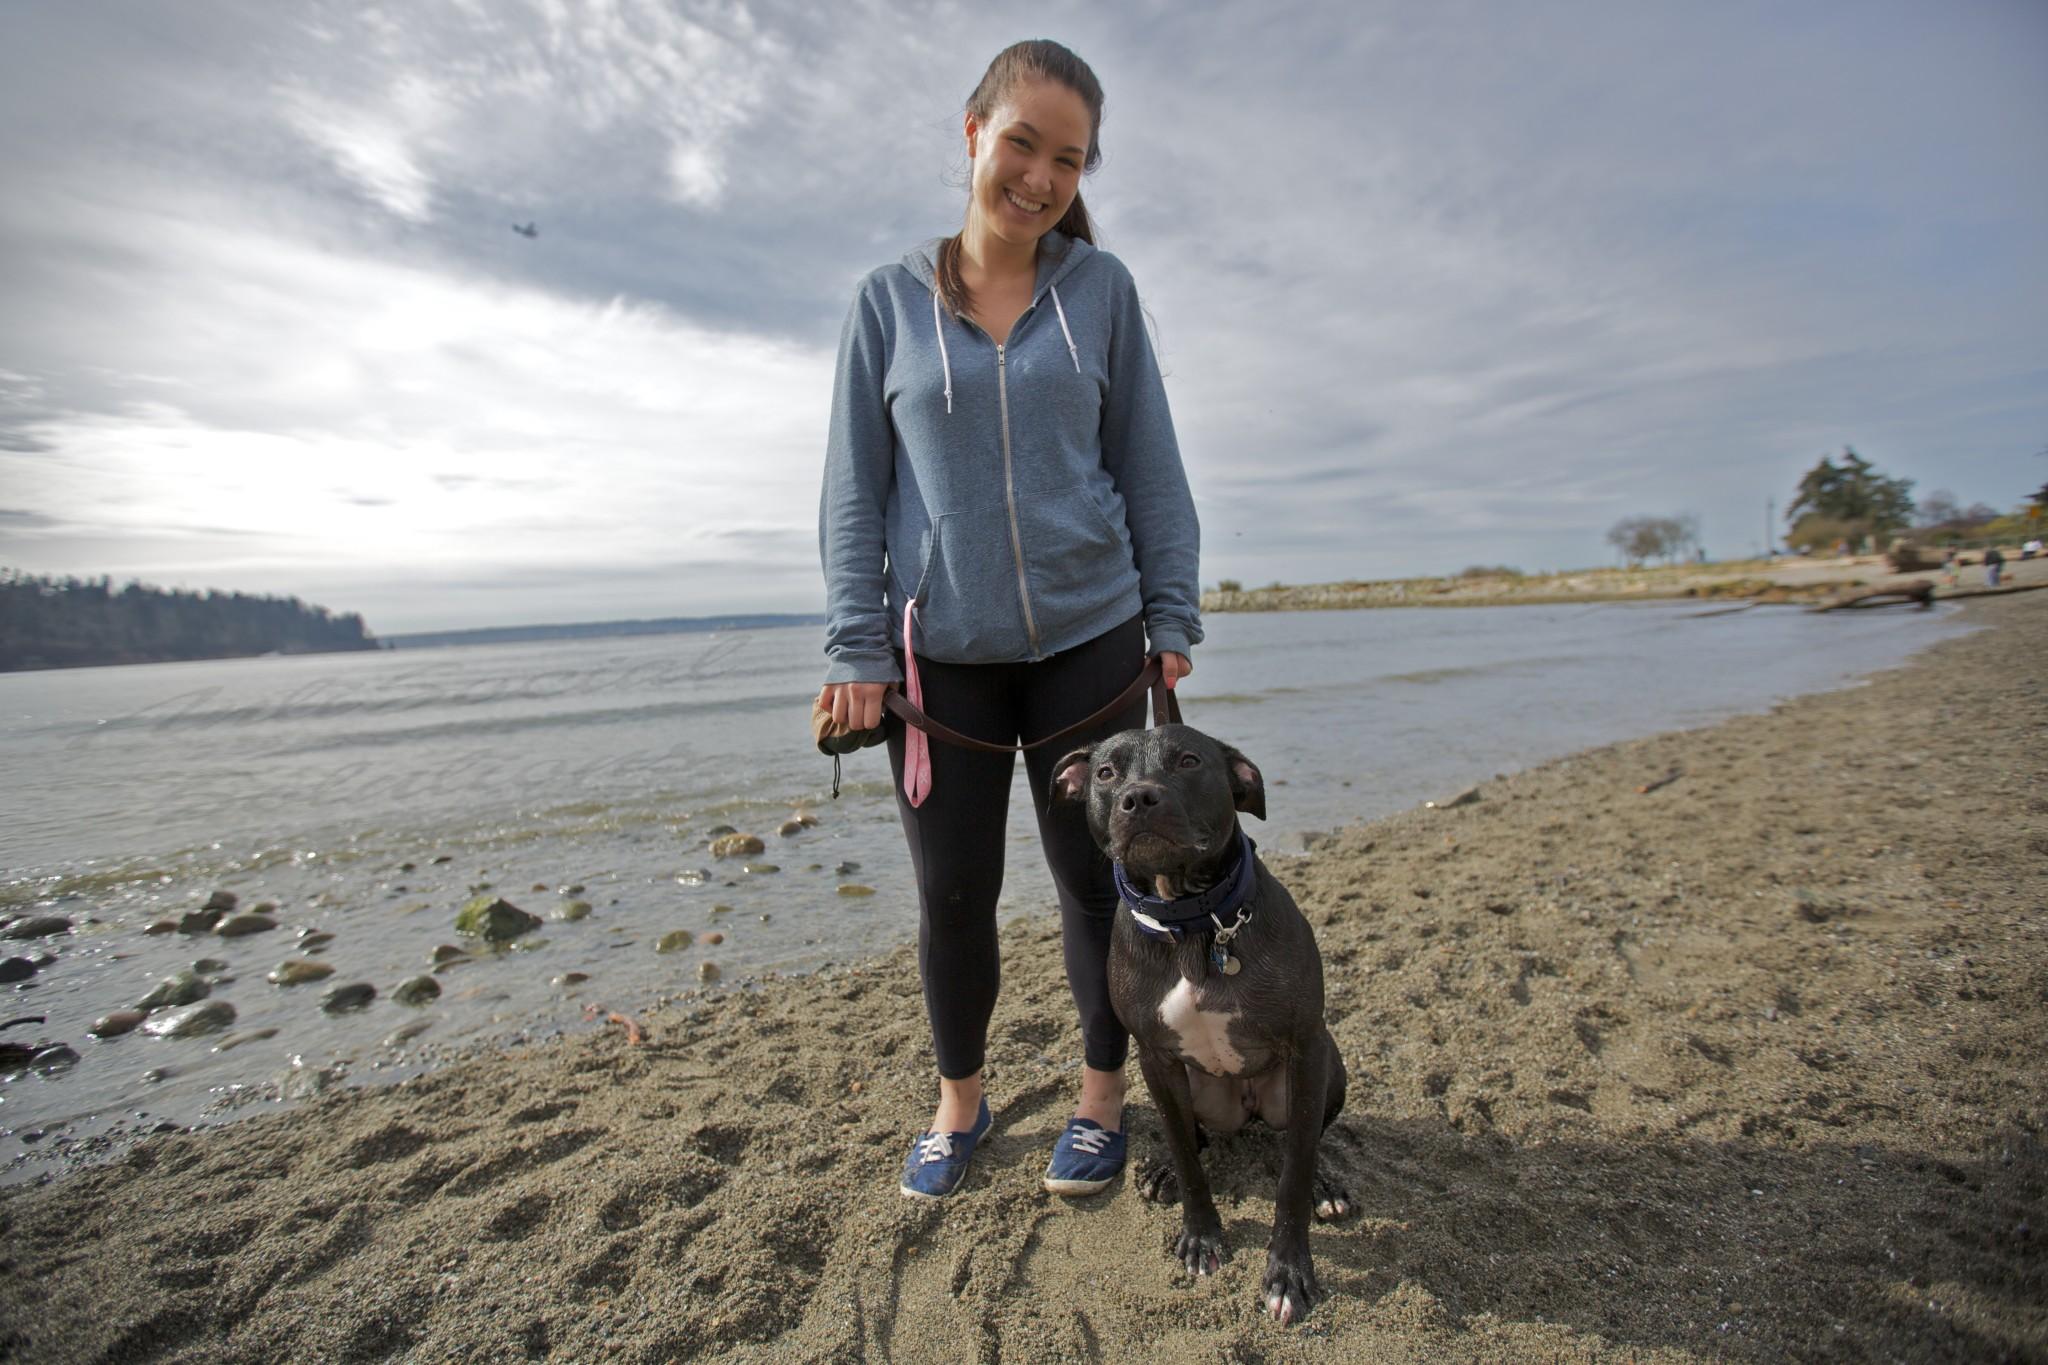 Katrina with Simba a Black pitbull.